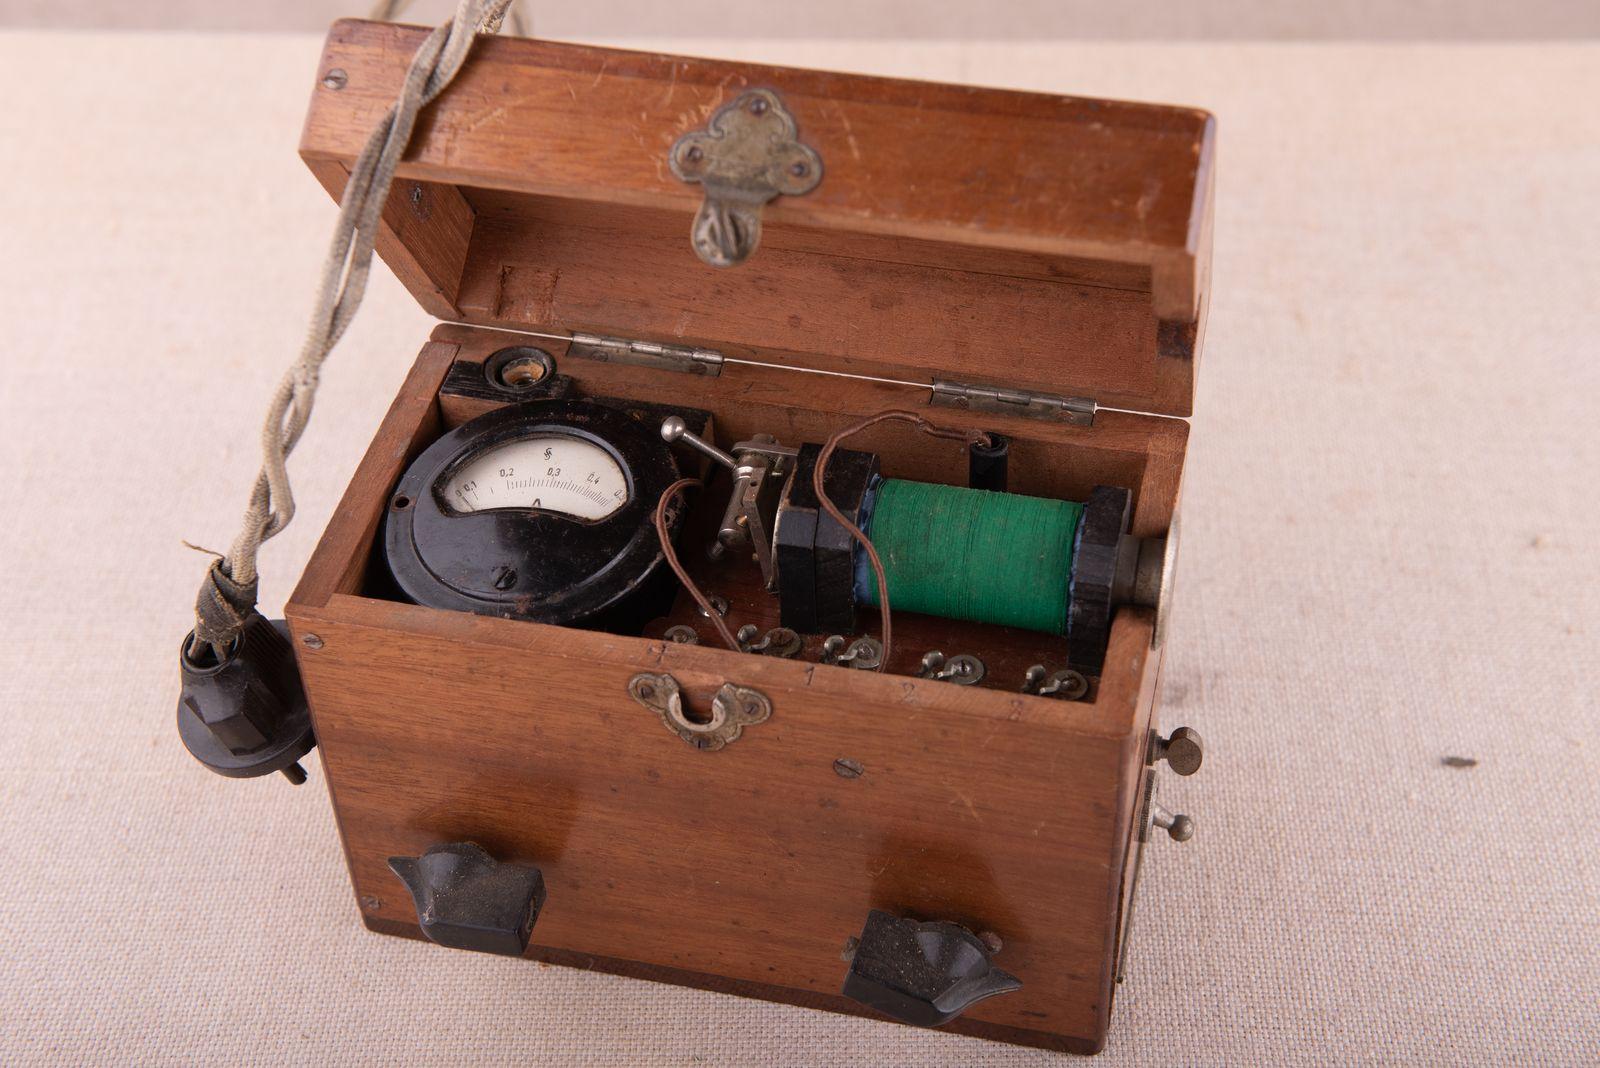 Muzei116_Честотен генератор за измерване на гласните връзки, първа половина на ХХ в. – не влиза в нито една от 4-те категории